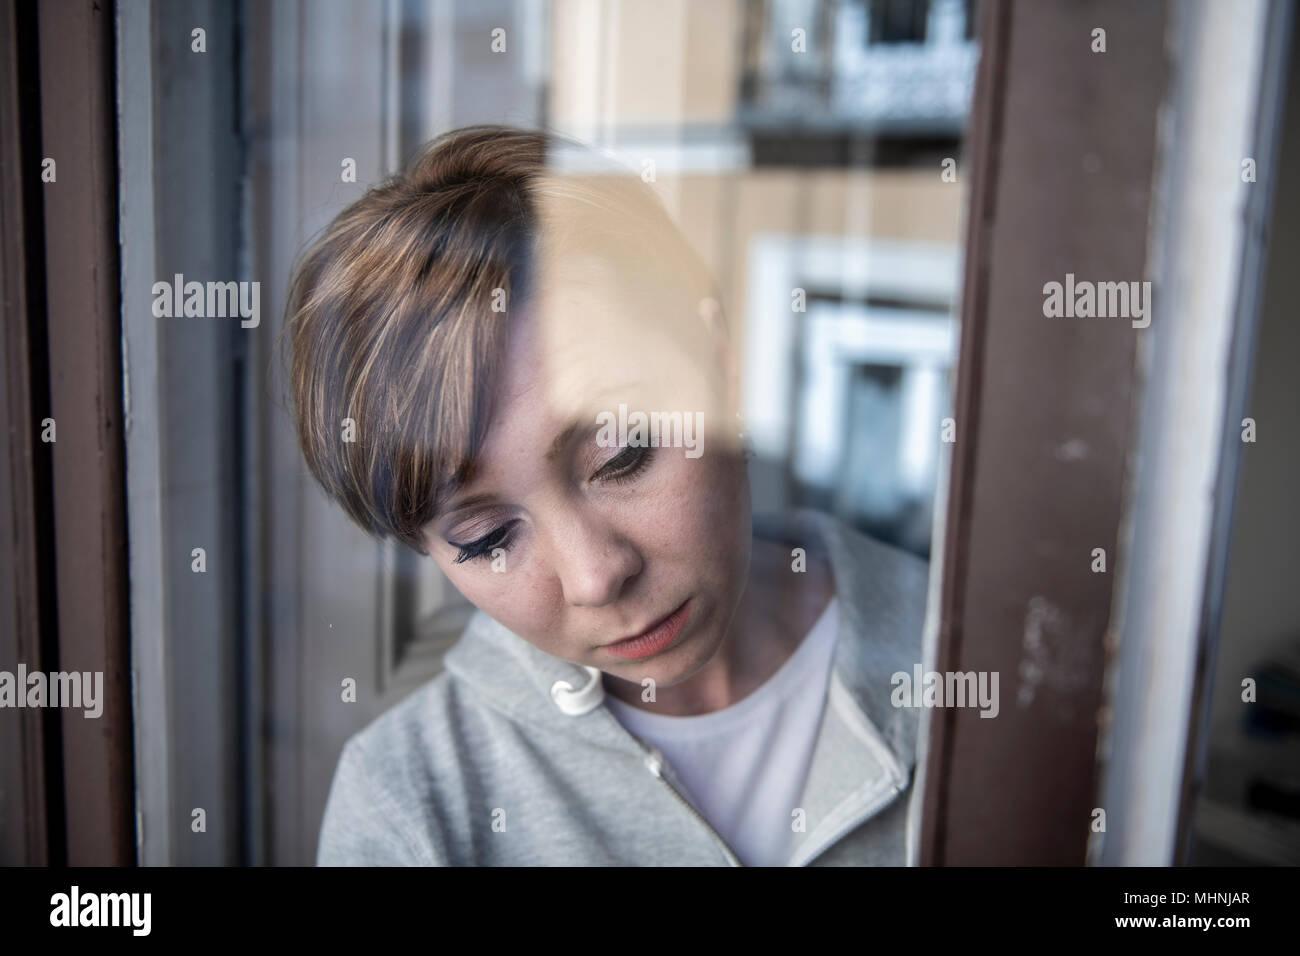 Junge schöne depressiv unglücklich kaukasische Frau besorgt und traurig durch das Fenster zu Hause. Gefühl, wertlos und Schmerzen. closeup. Depressi Stockbild